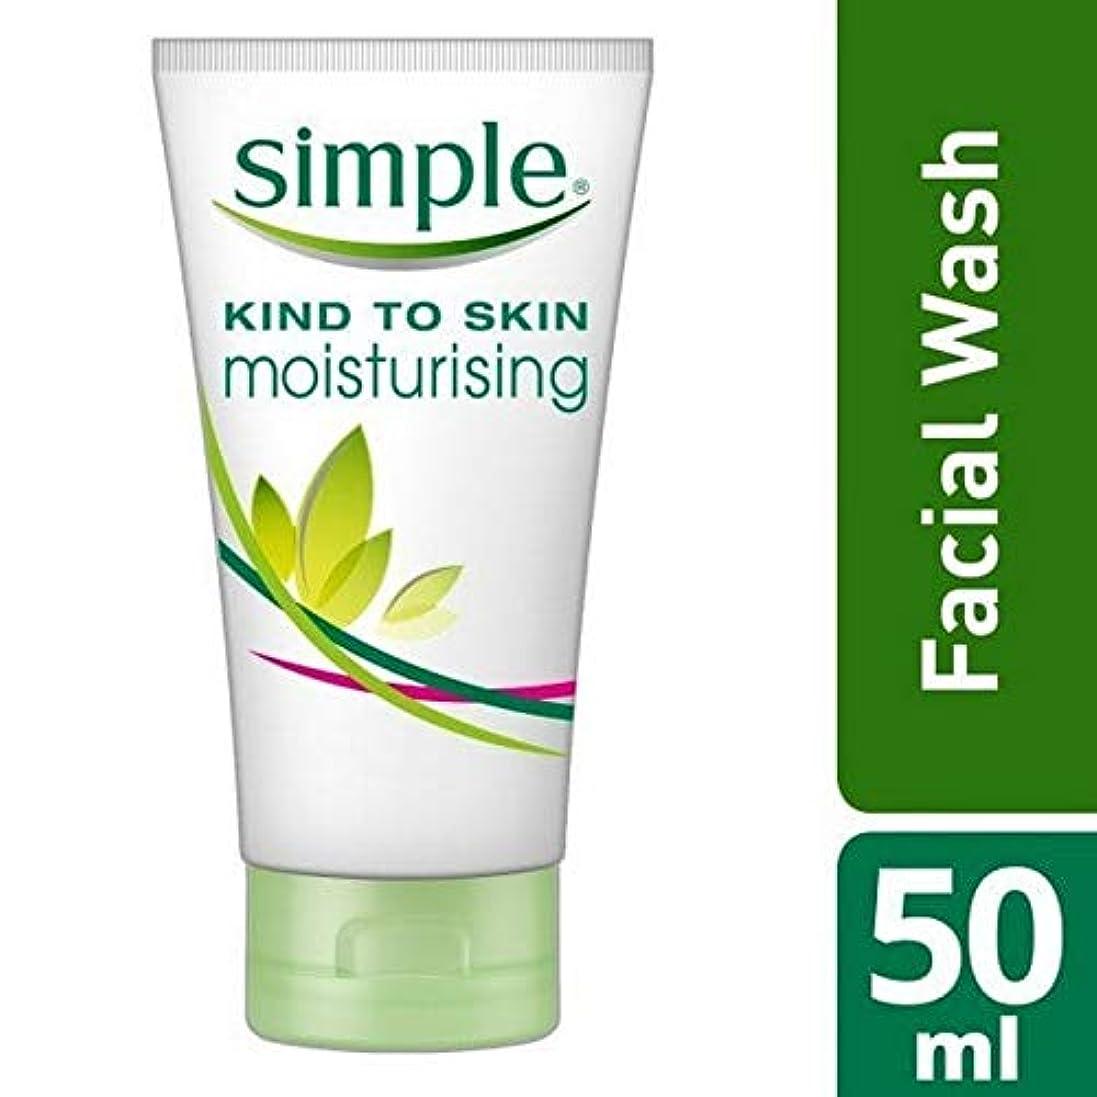 解決する関係するスペア[Simple ] 洗顔50ミリリットルを保湿肌への単純な種類 - Simple Kind To Skin Moisturising Facial Wash 50ml [並行輸入品]